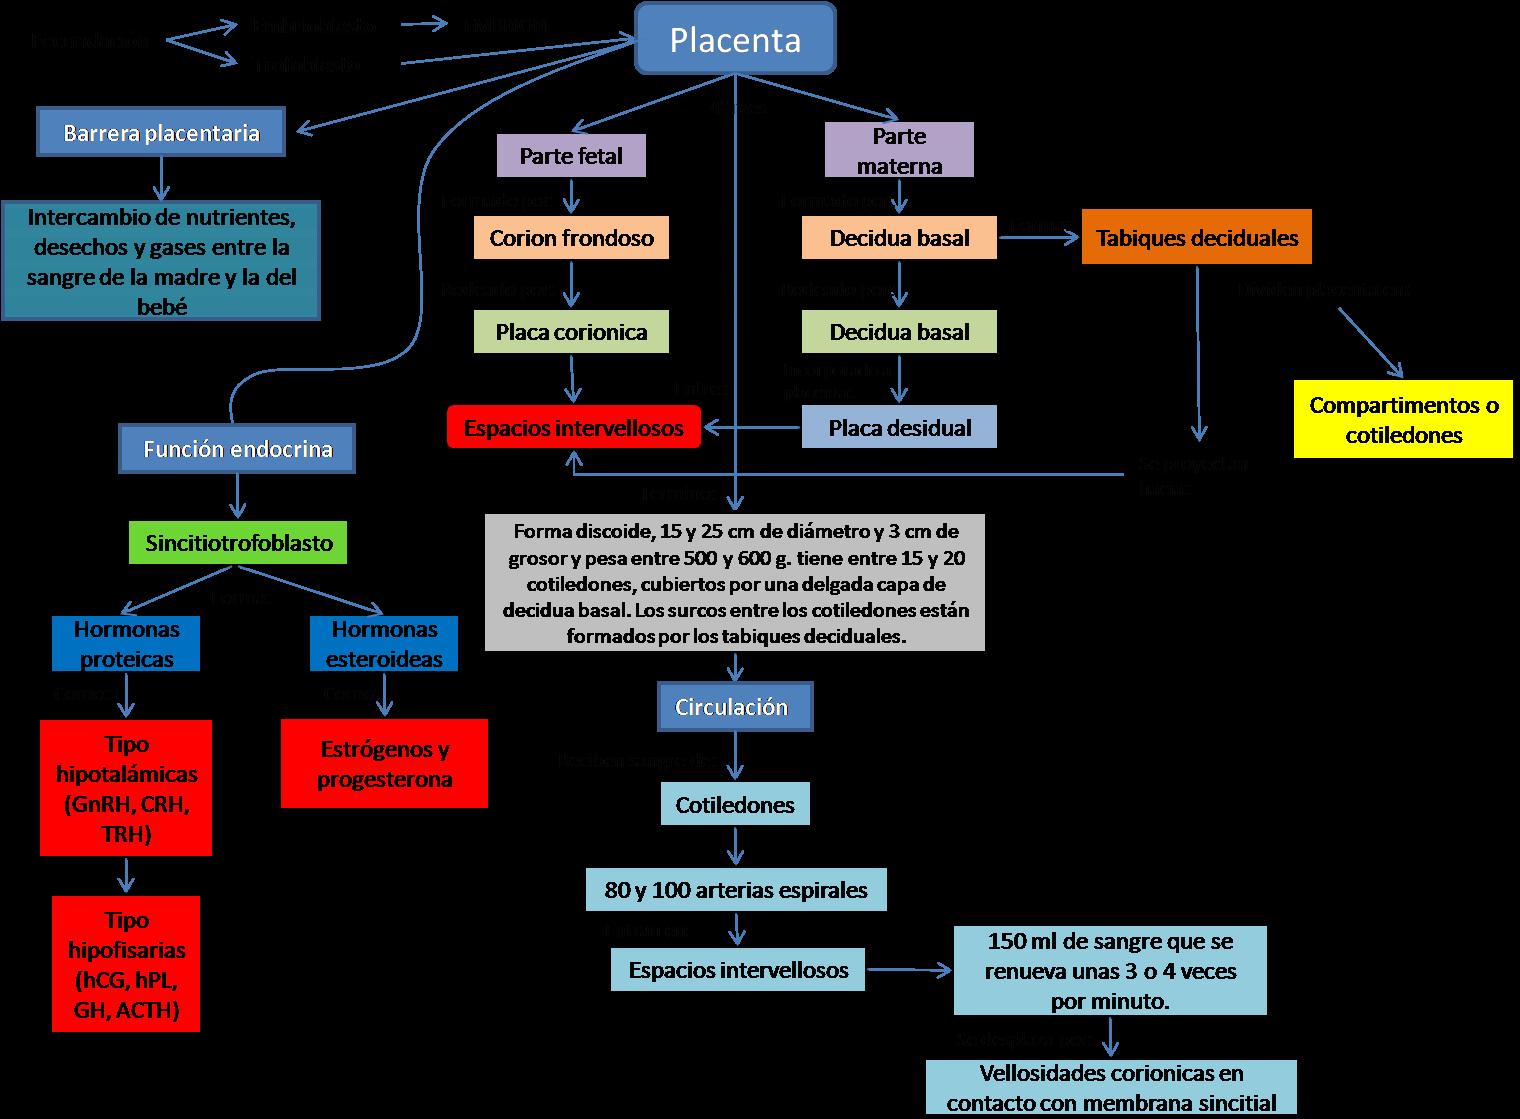 Blog de Ginecología.: Mapa: Anatomía y Fisiología de Placenta.